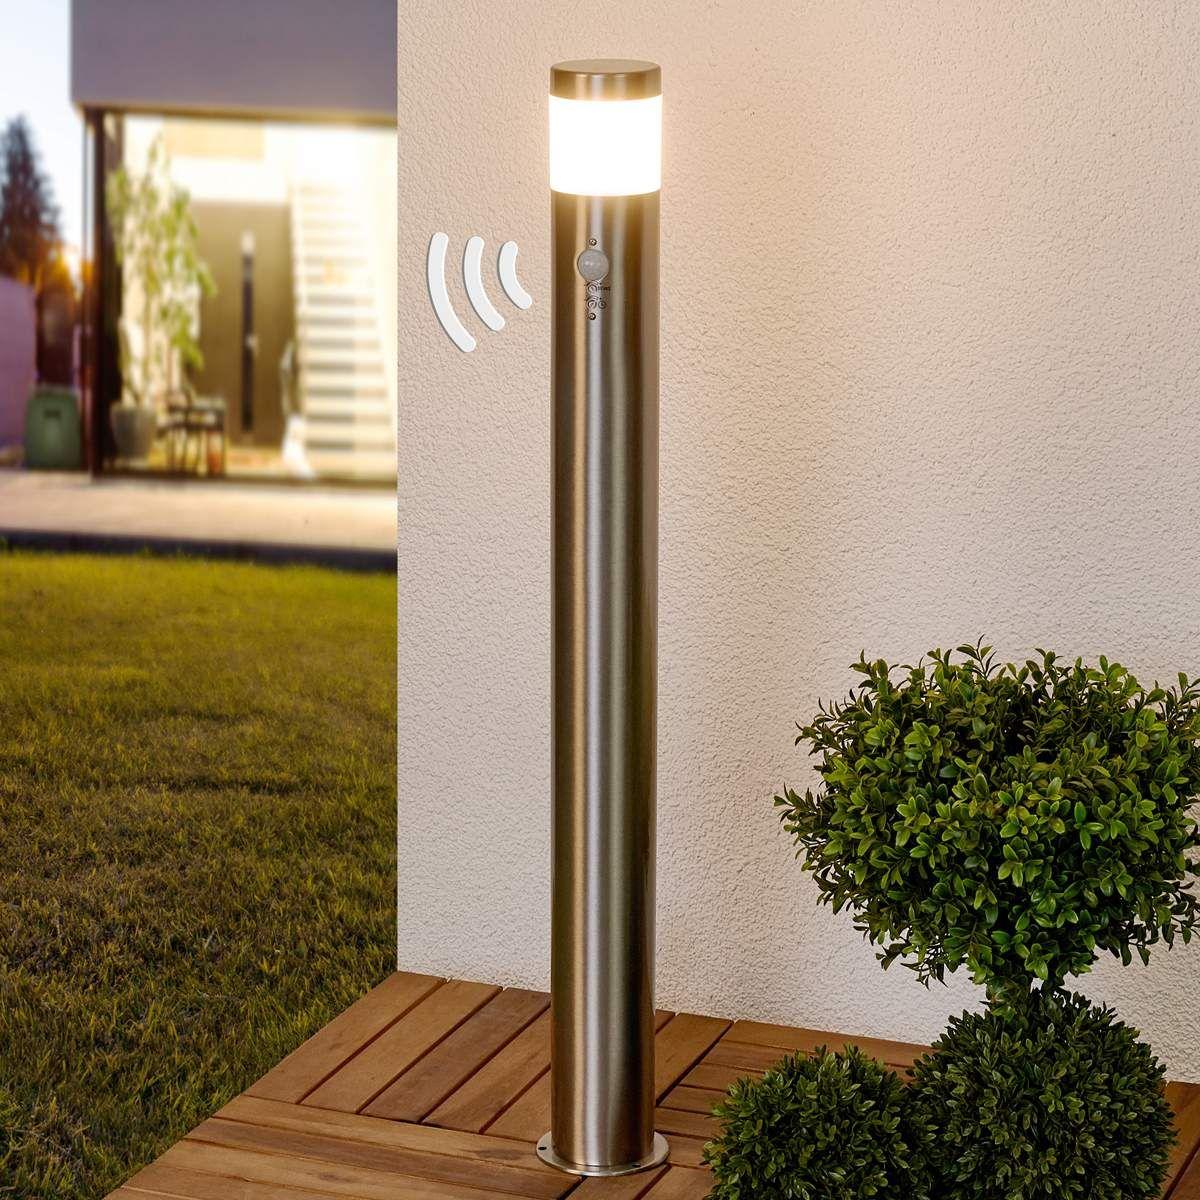 En TailleUnique Extérieur Inox Led Moderne Luminaire LUVGpjzqSM